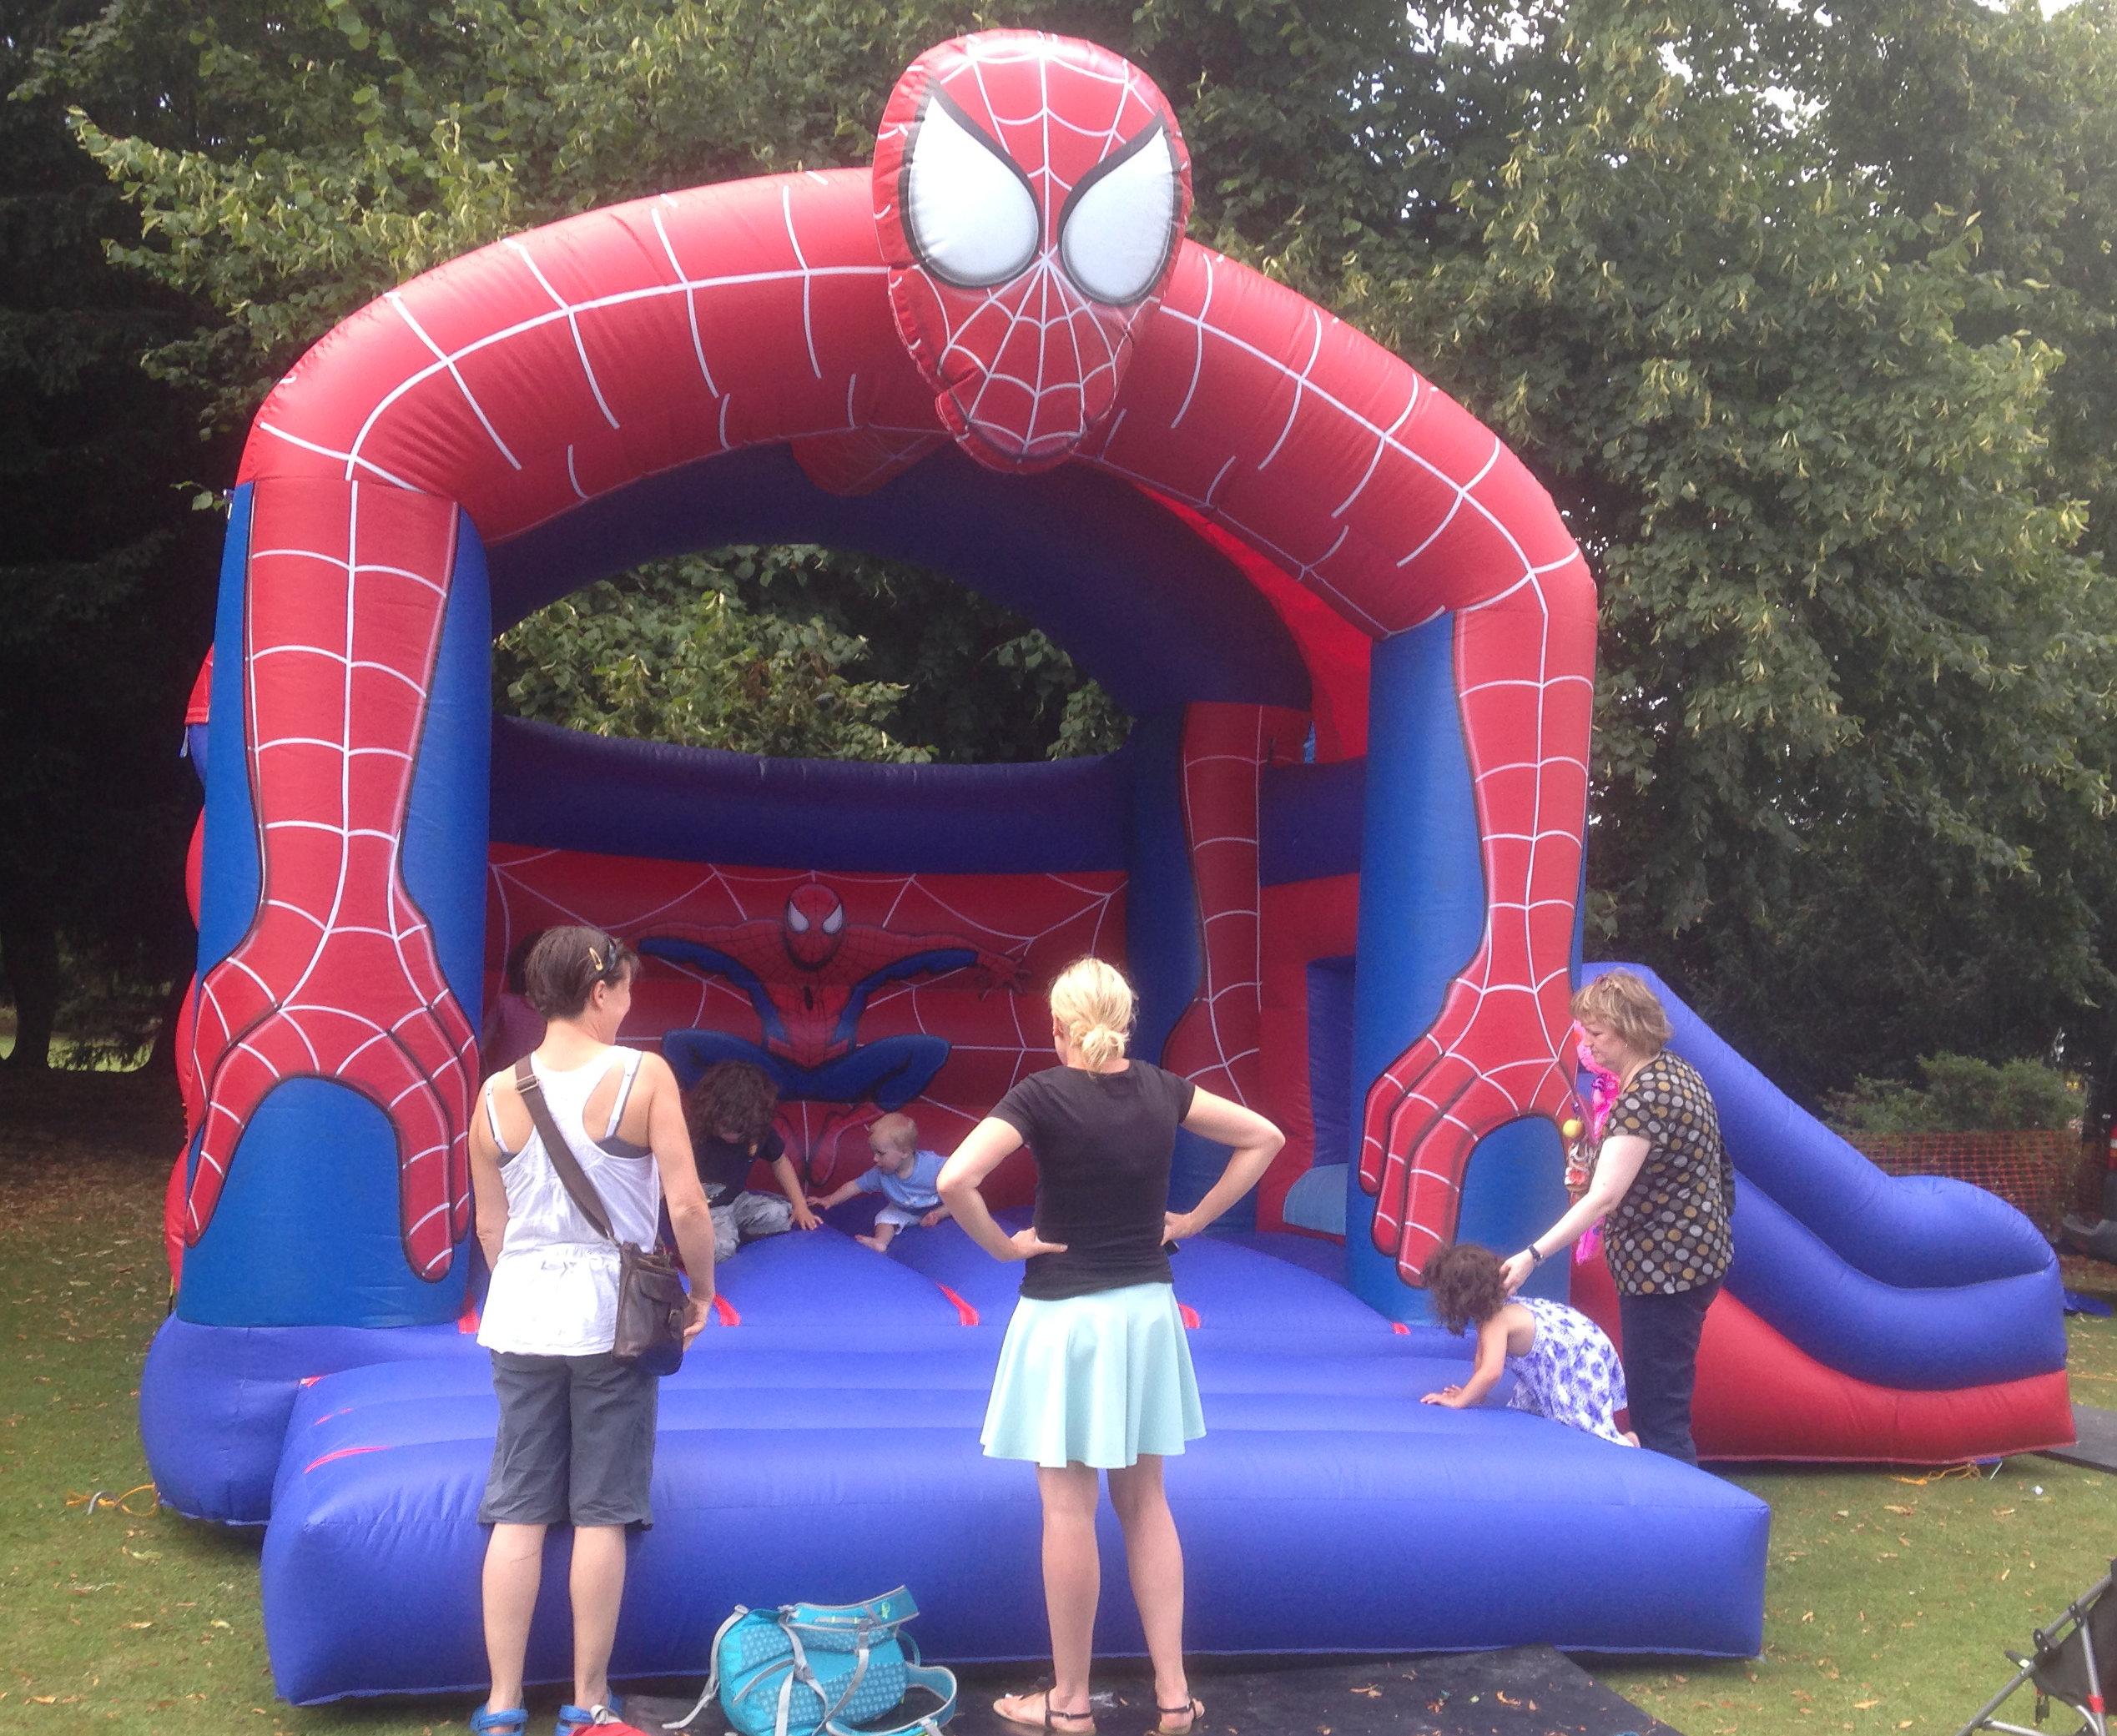 SpidermanwithSlide